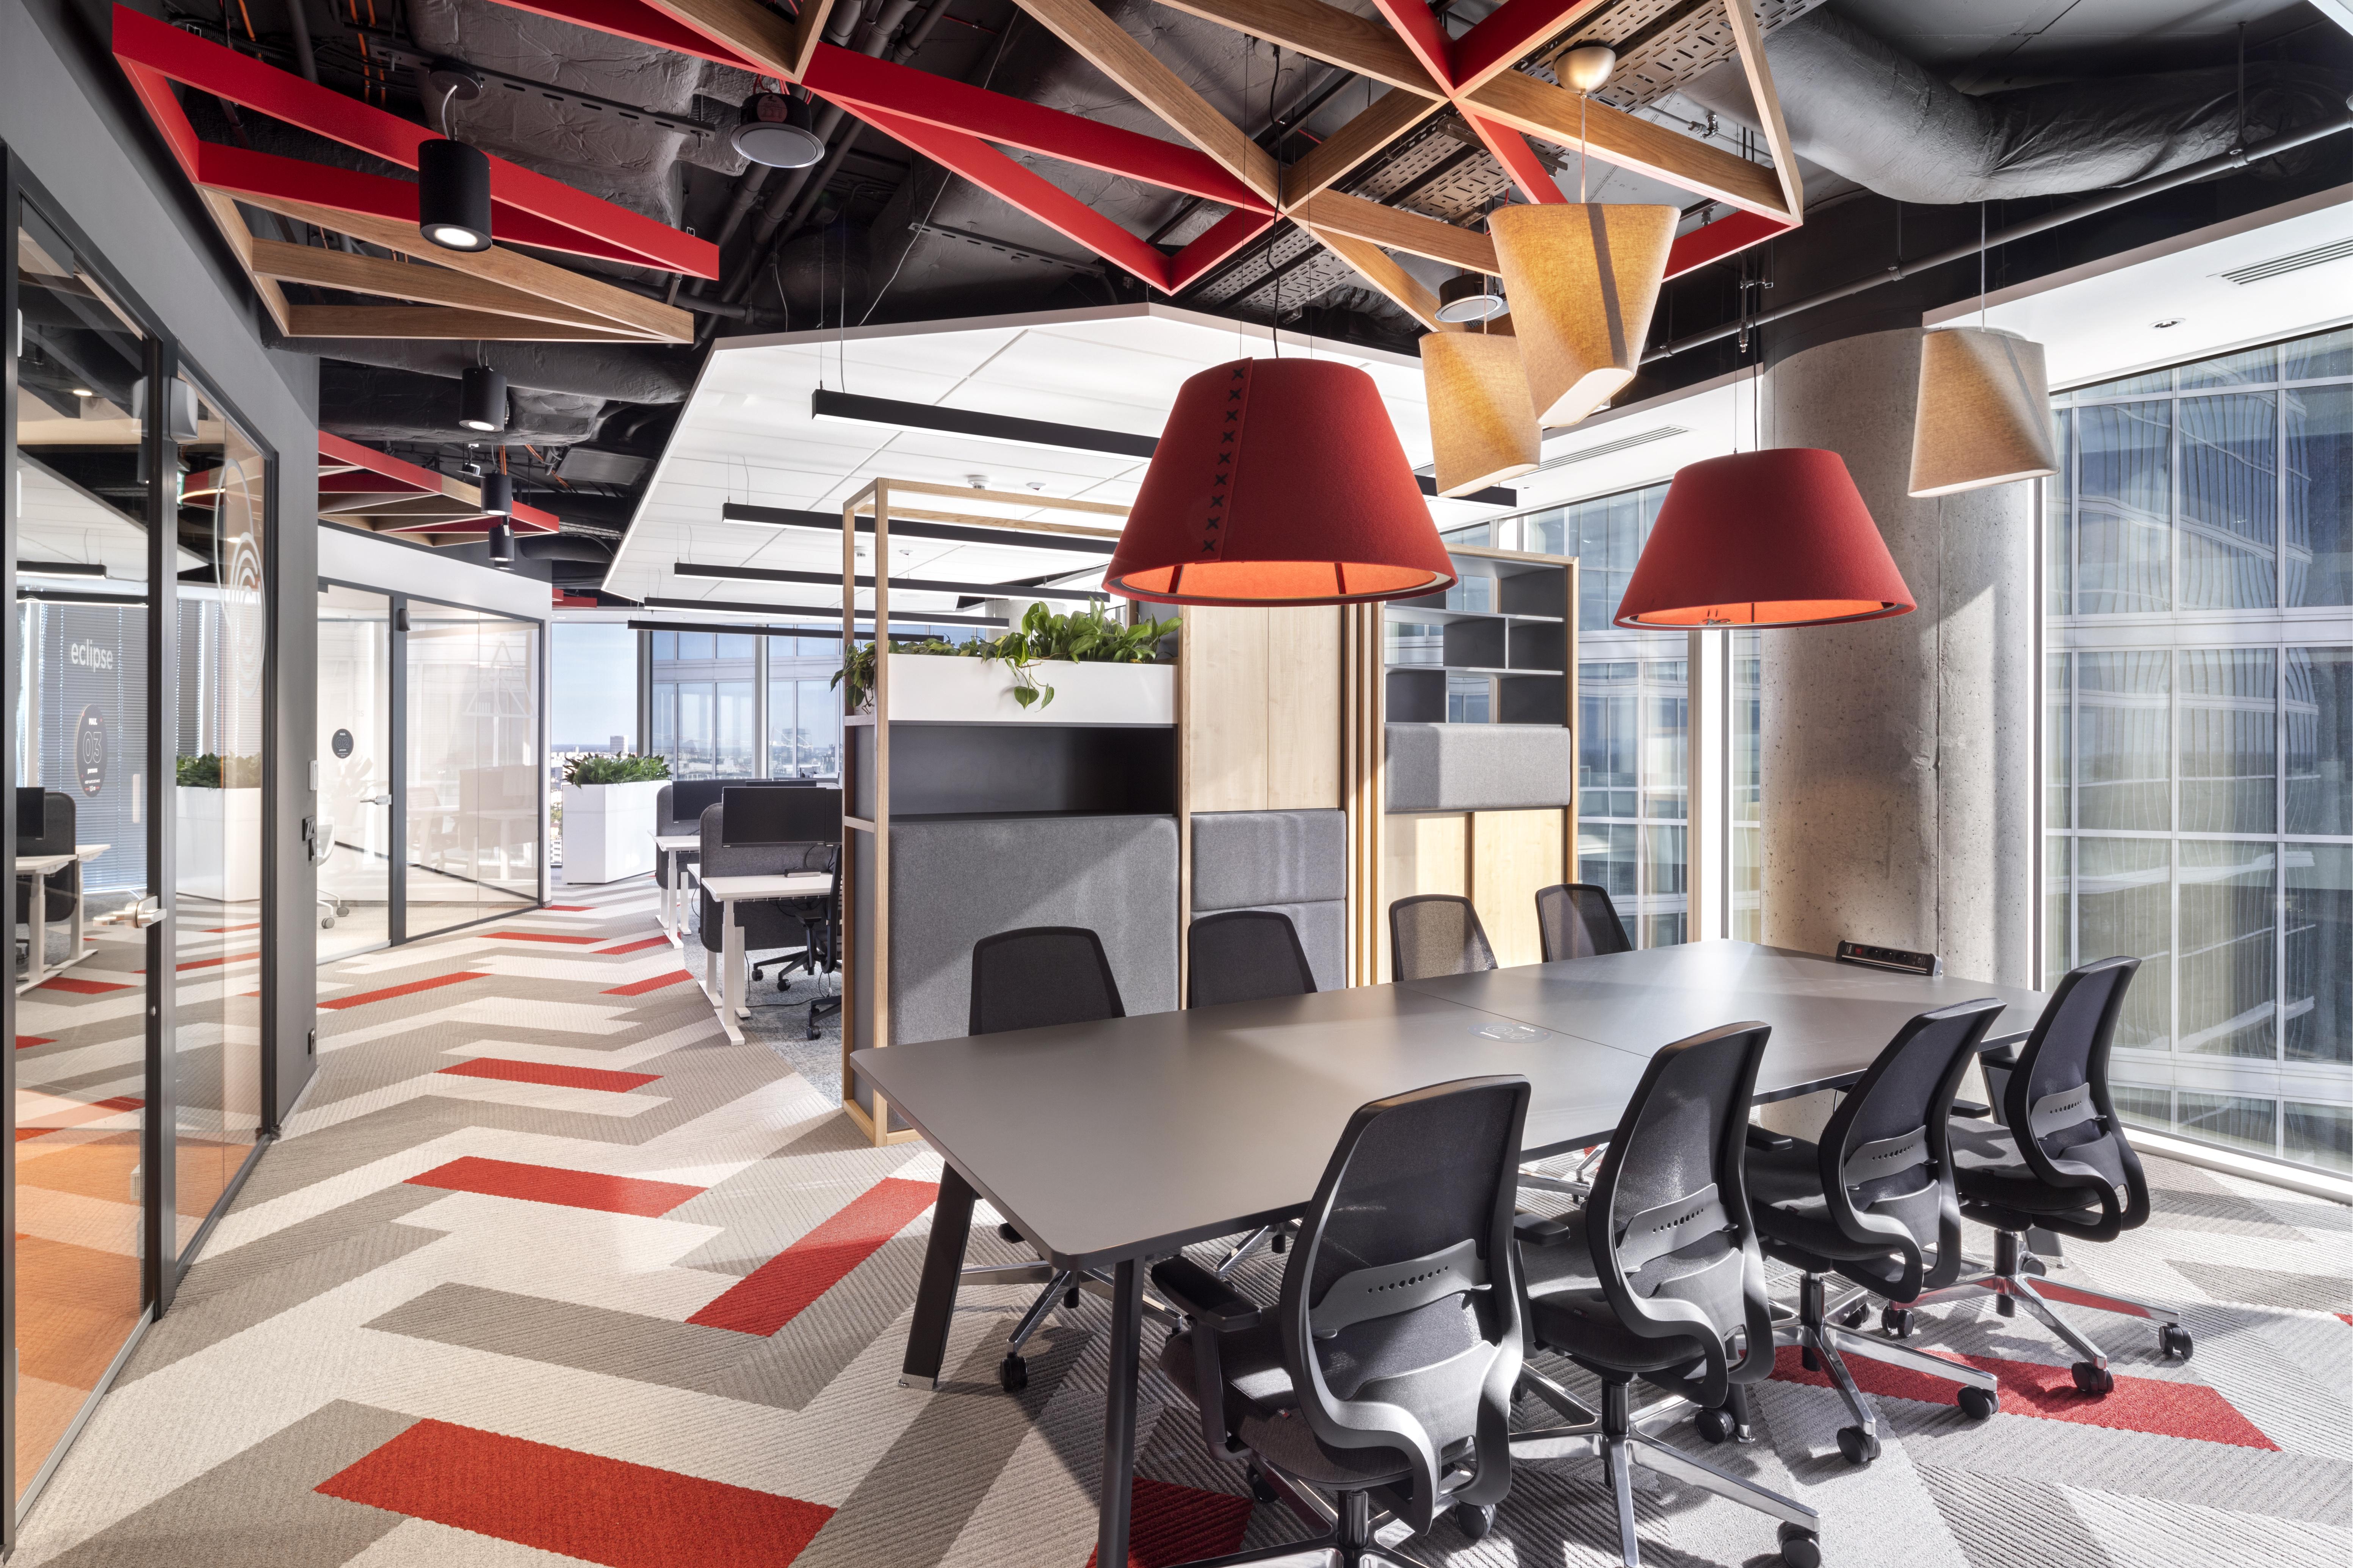 Nowa, warszawska siedziba Cushman & Wakefield jest utrzymana w duchu koncepcji Six Feet Office. (Fot. Szymon Polański/Massive Design)